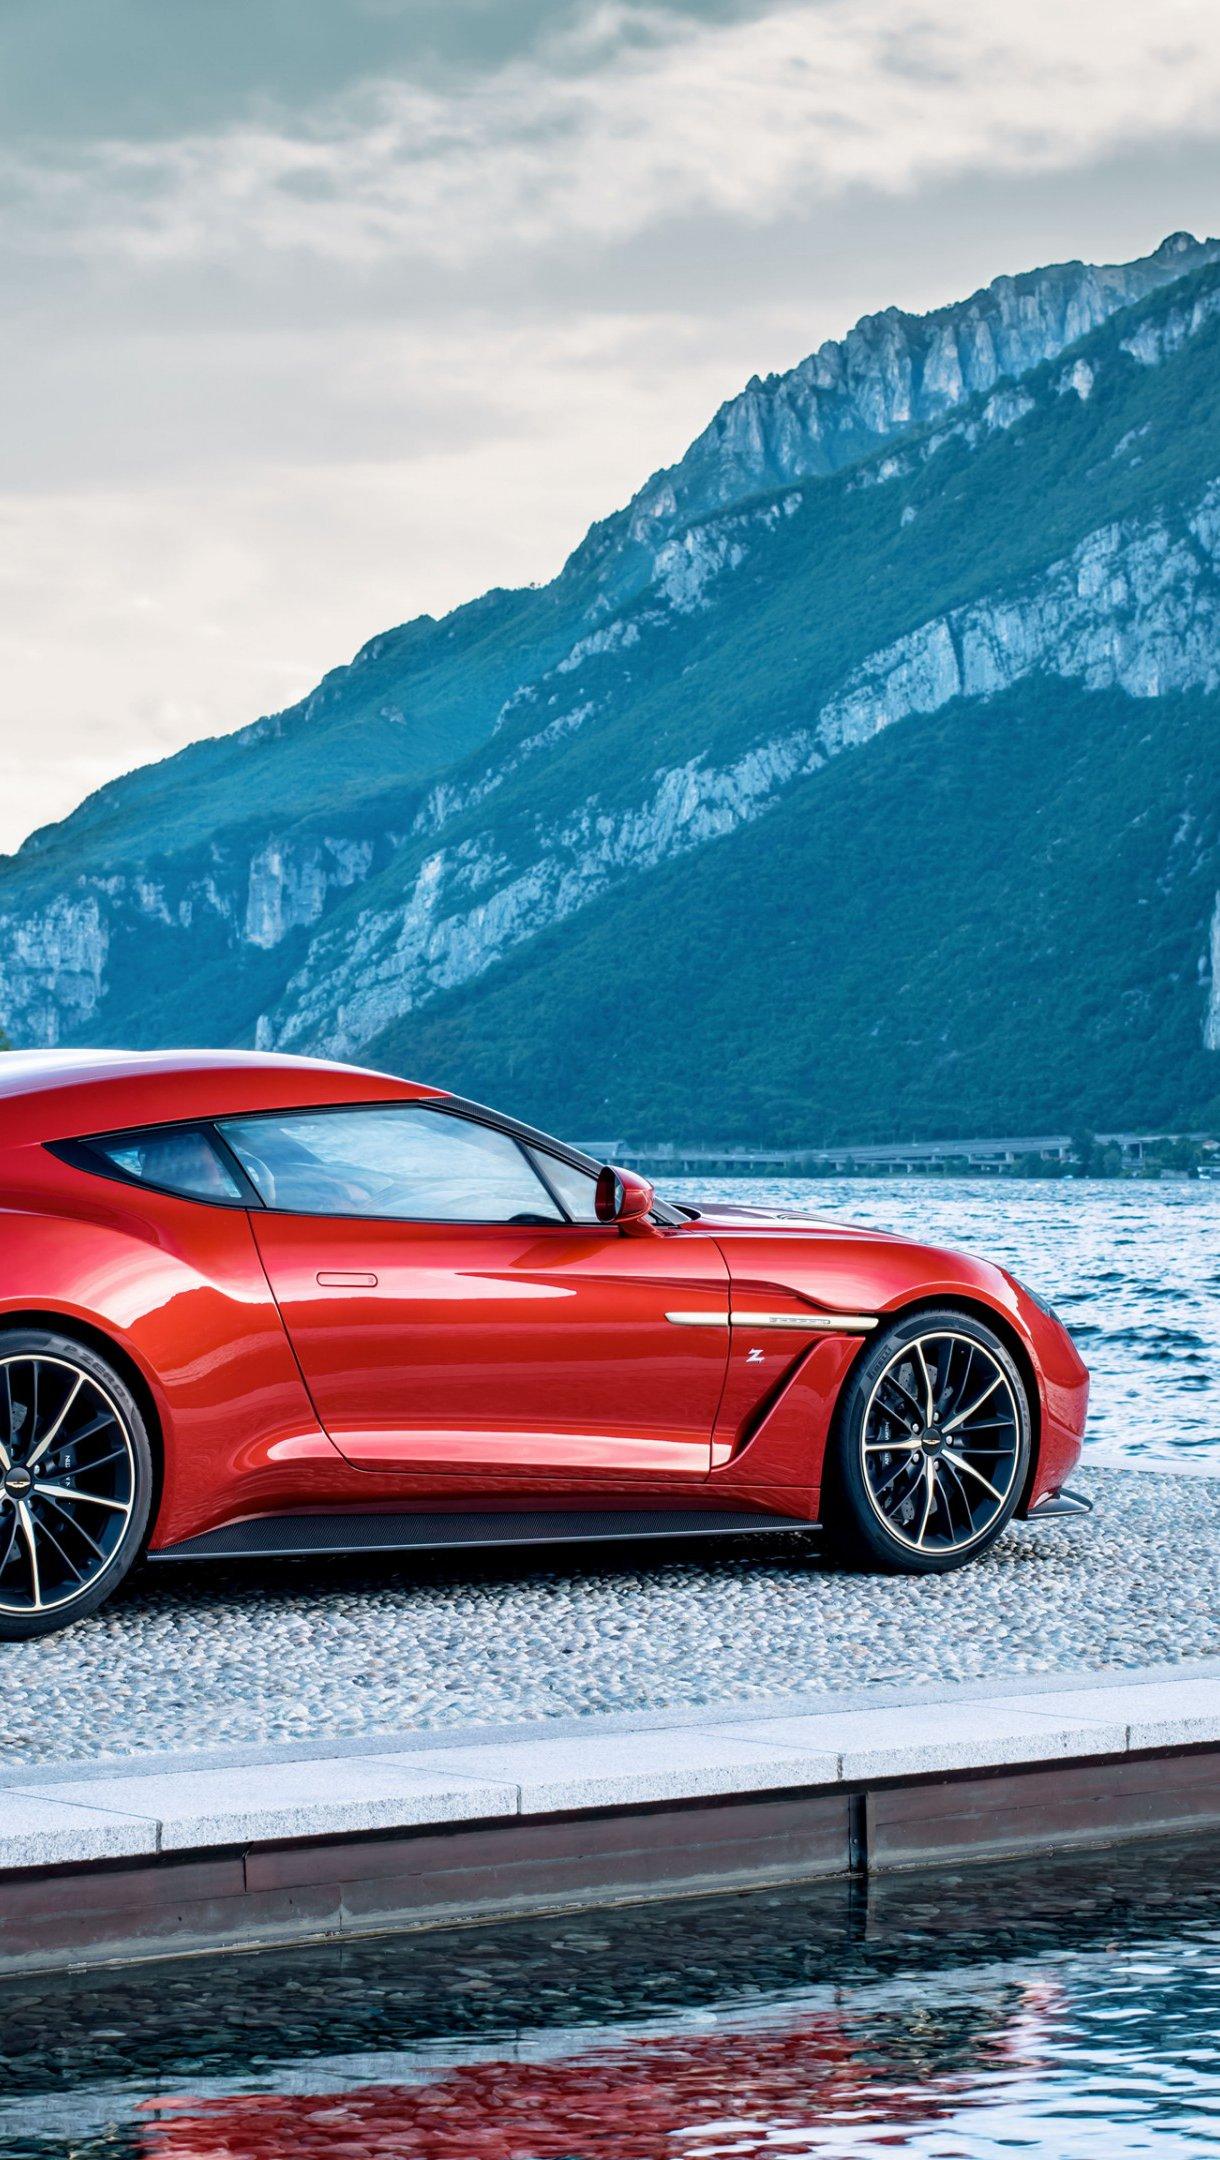 Wallpaper Red Aston Martin Zagato Vertical